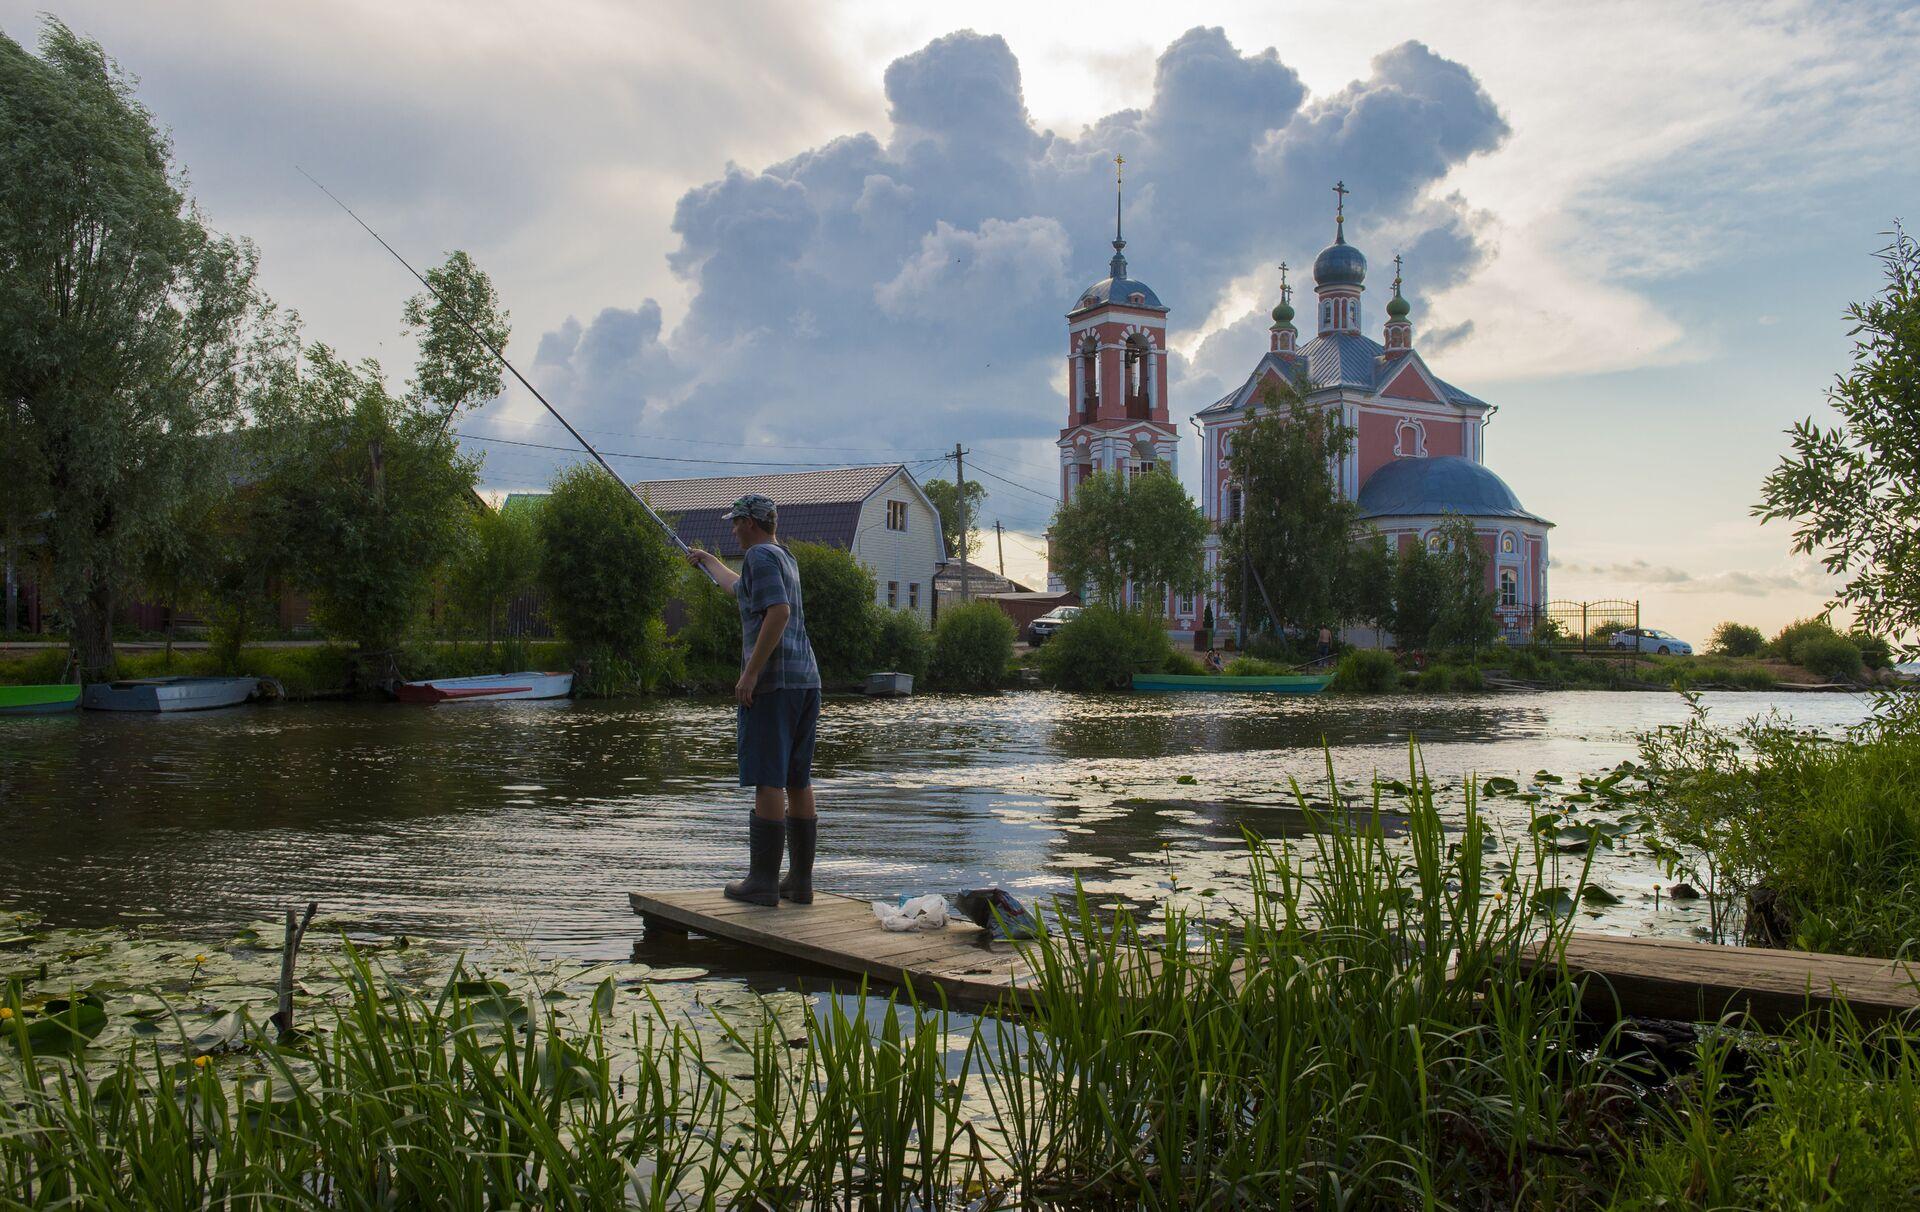 Церковь Сорока мучеников на Плещеевом озере в городе Переславль-Залесский - РИА Новости, 1920, 21.07.2021